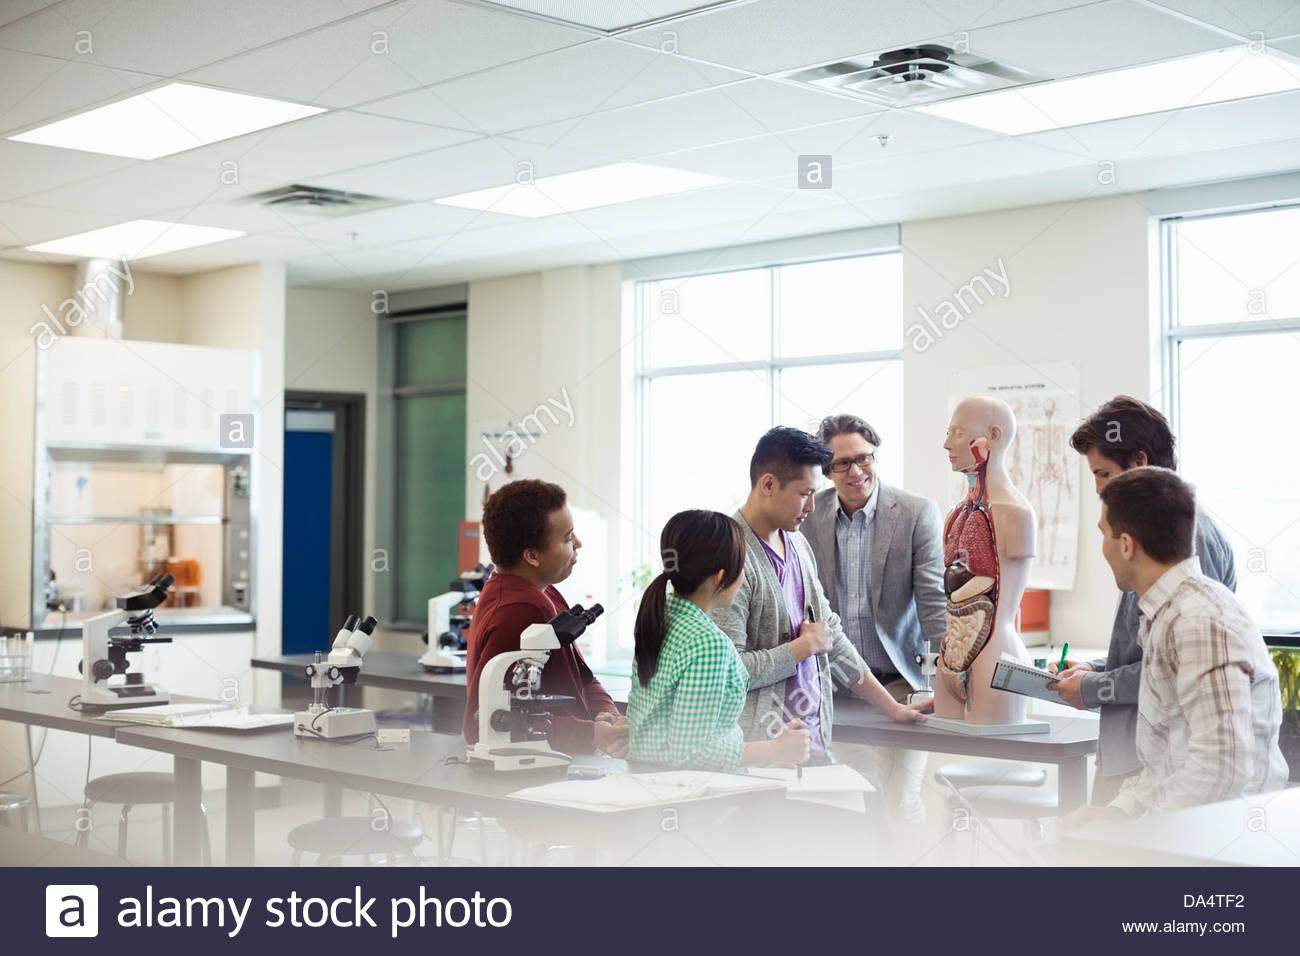 Studierende lernen Anatomie im College Science lab Stockfoto, Bild ...